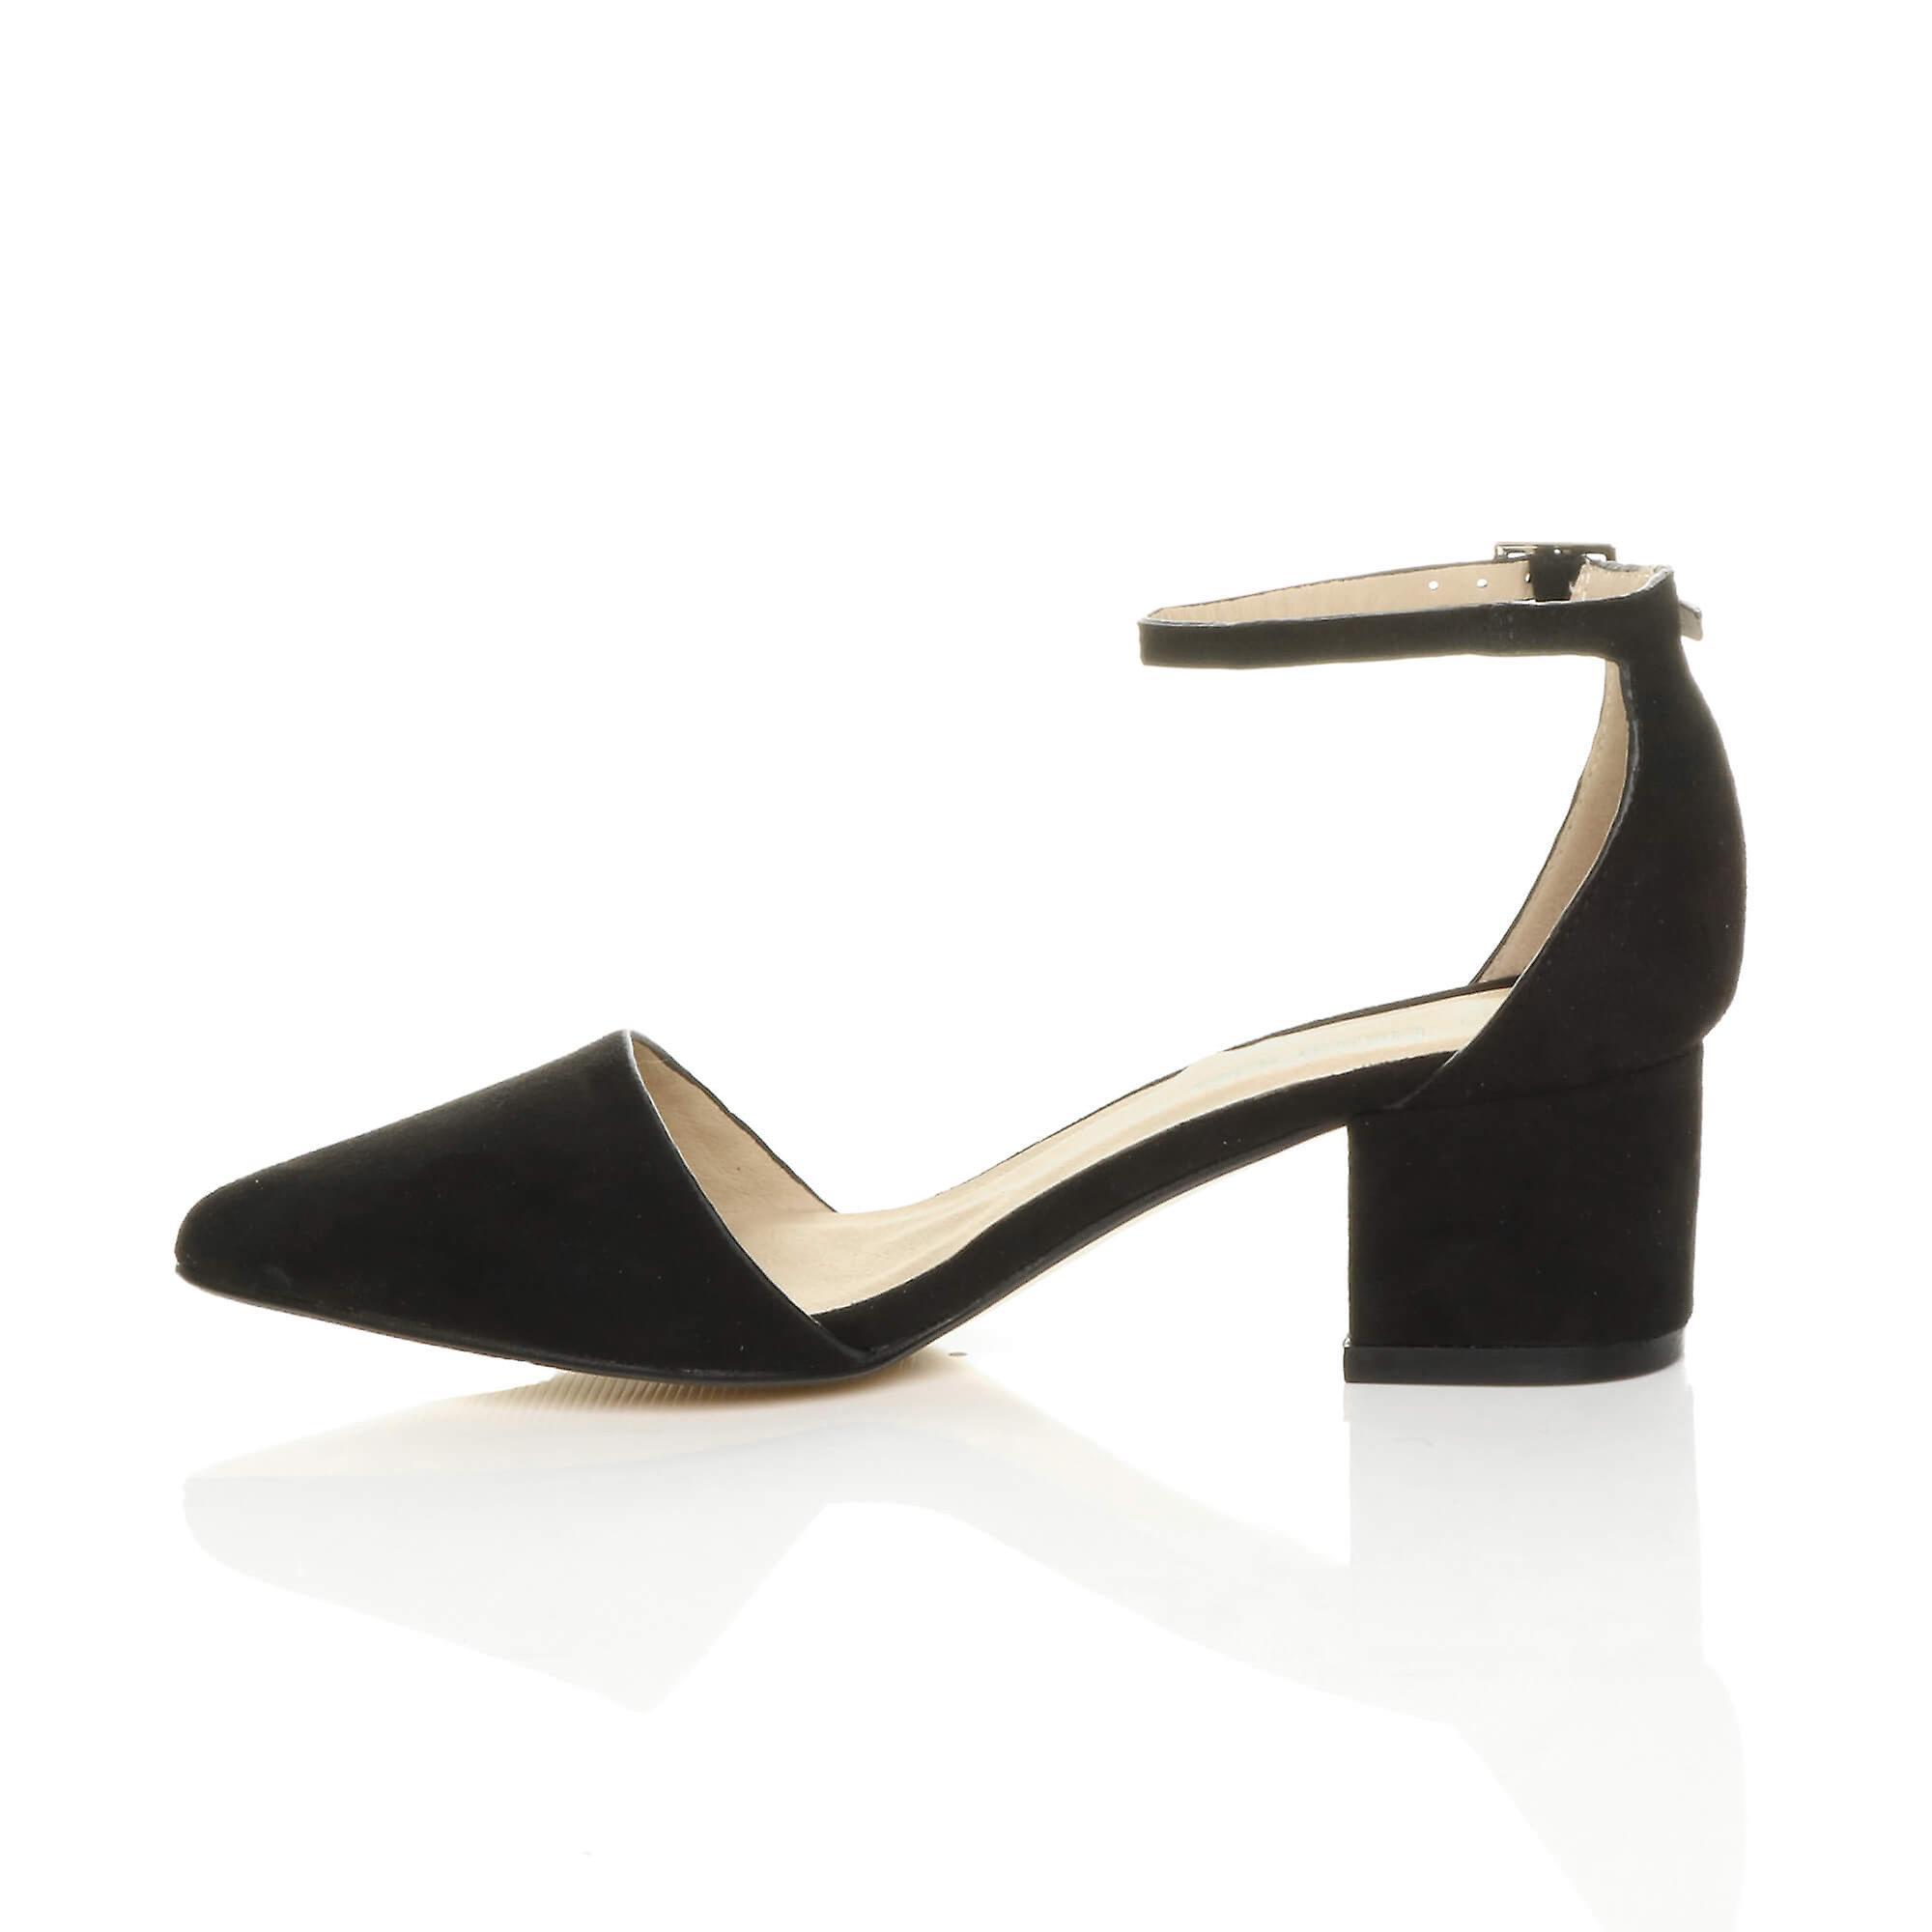 Ajvani donne a meta meta meta 'isolato il cinturino alla caviglia fatto festa di lavoro corte scarpe sandali. | Colore Brillantezza  d4ff49